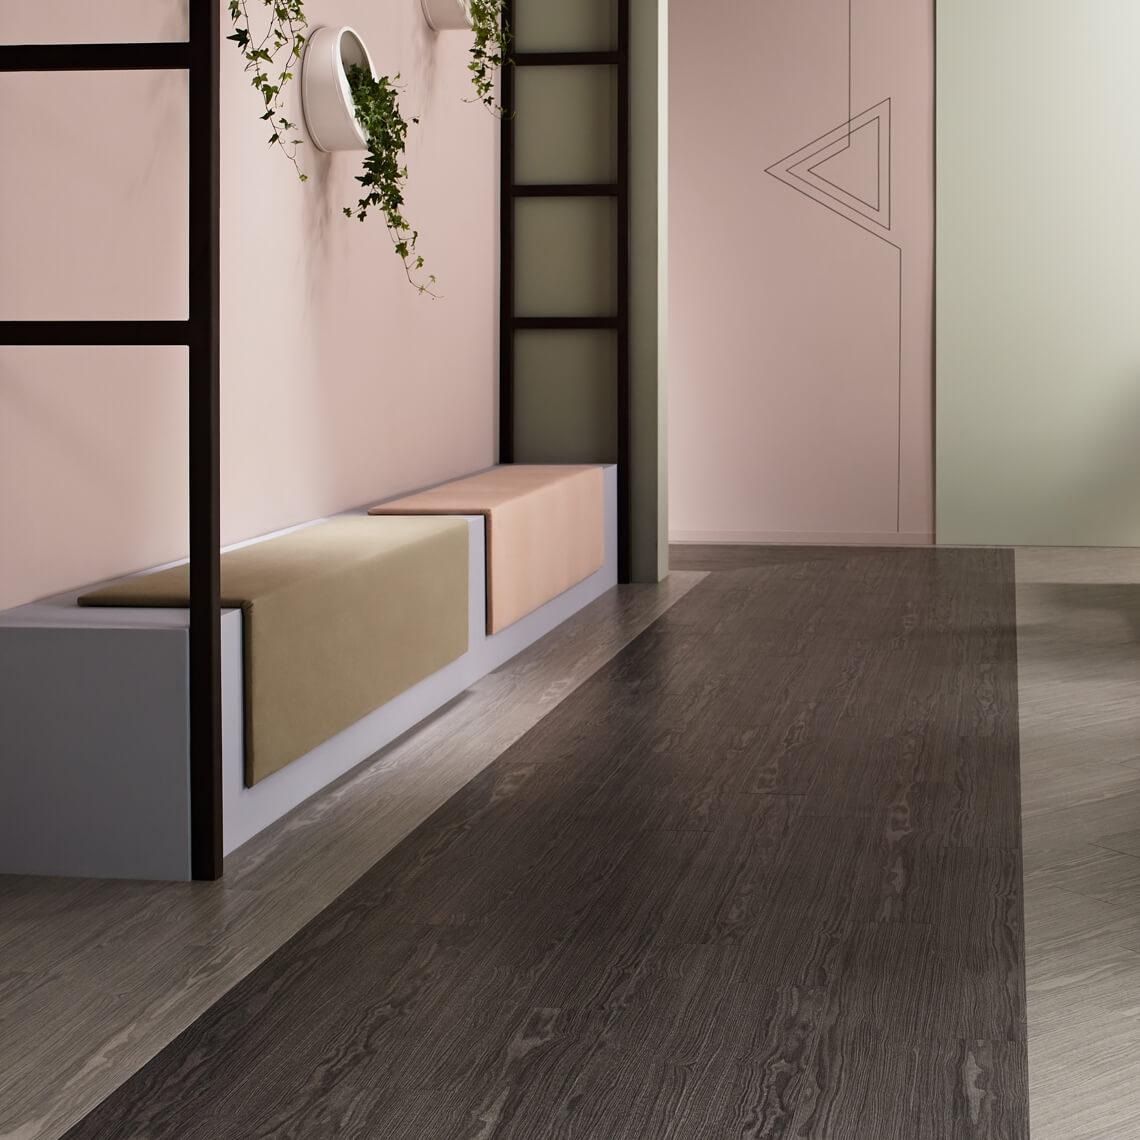 Revetement De Sol Original dalles et lames décoratives pvc design haut de gamme